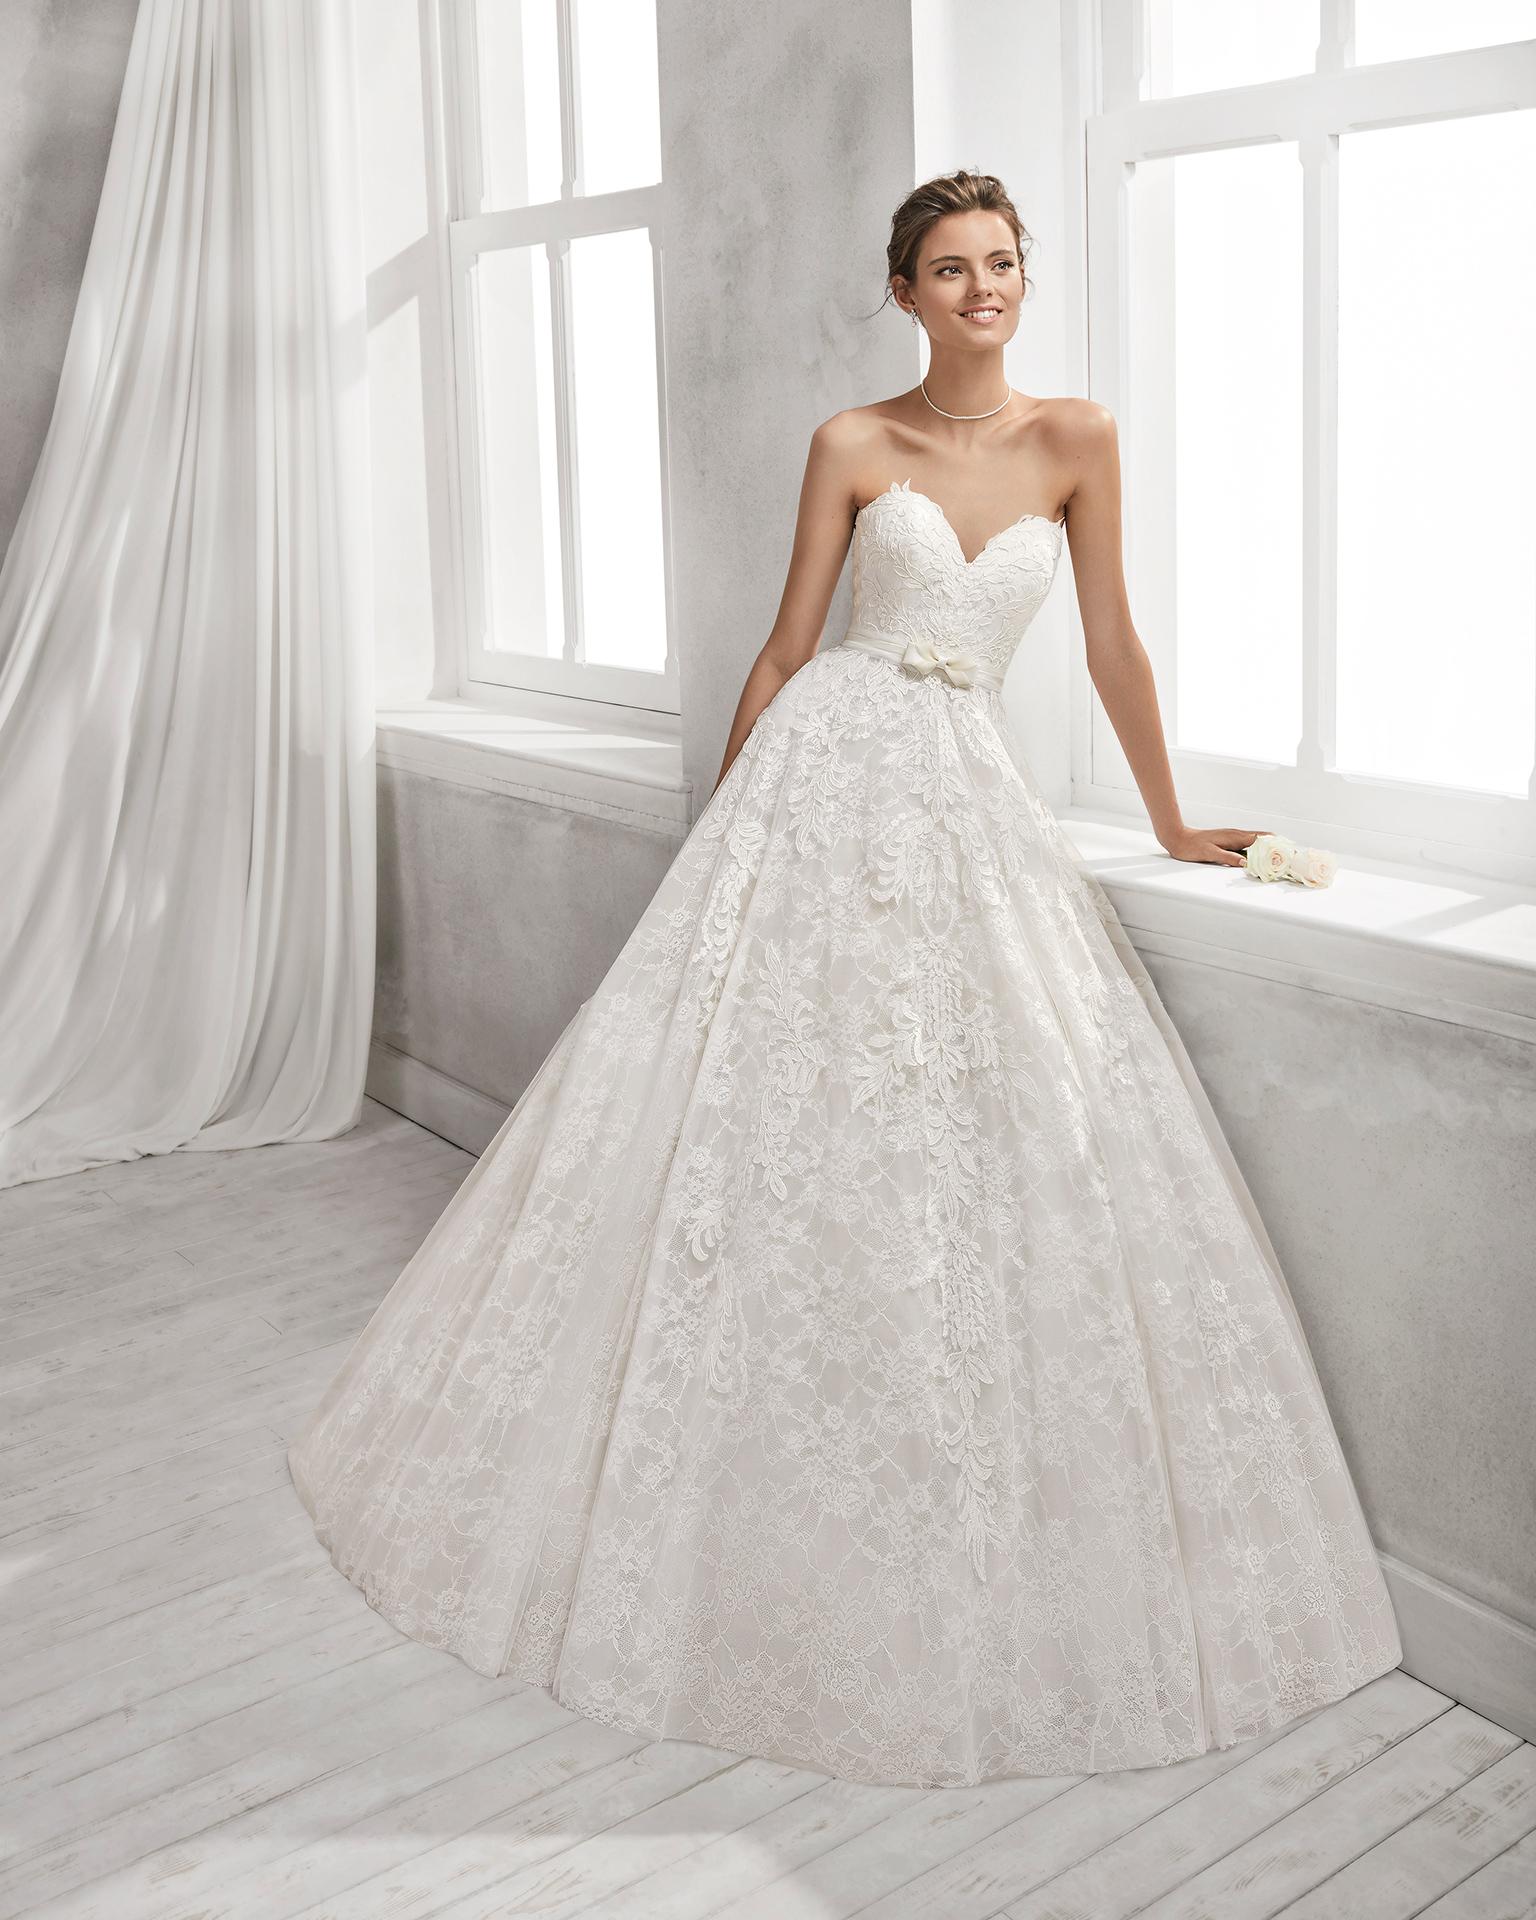 Vestido de novia estilo línea A en encaje con escote corazón.